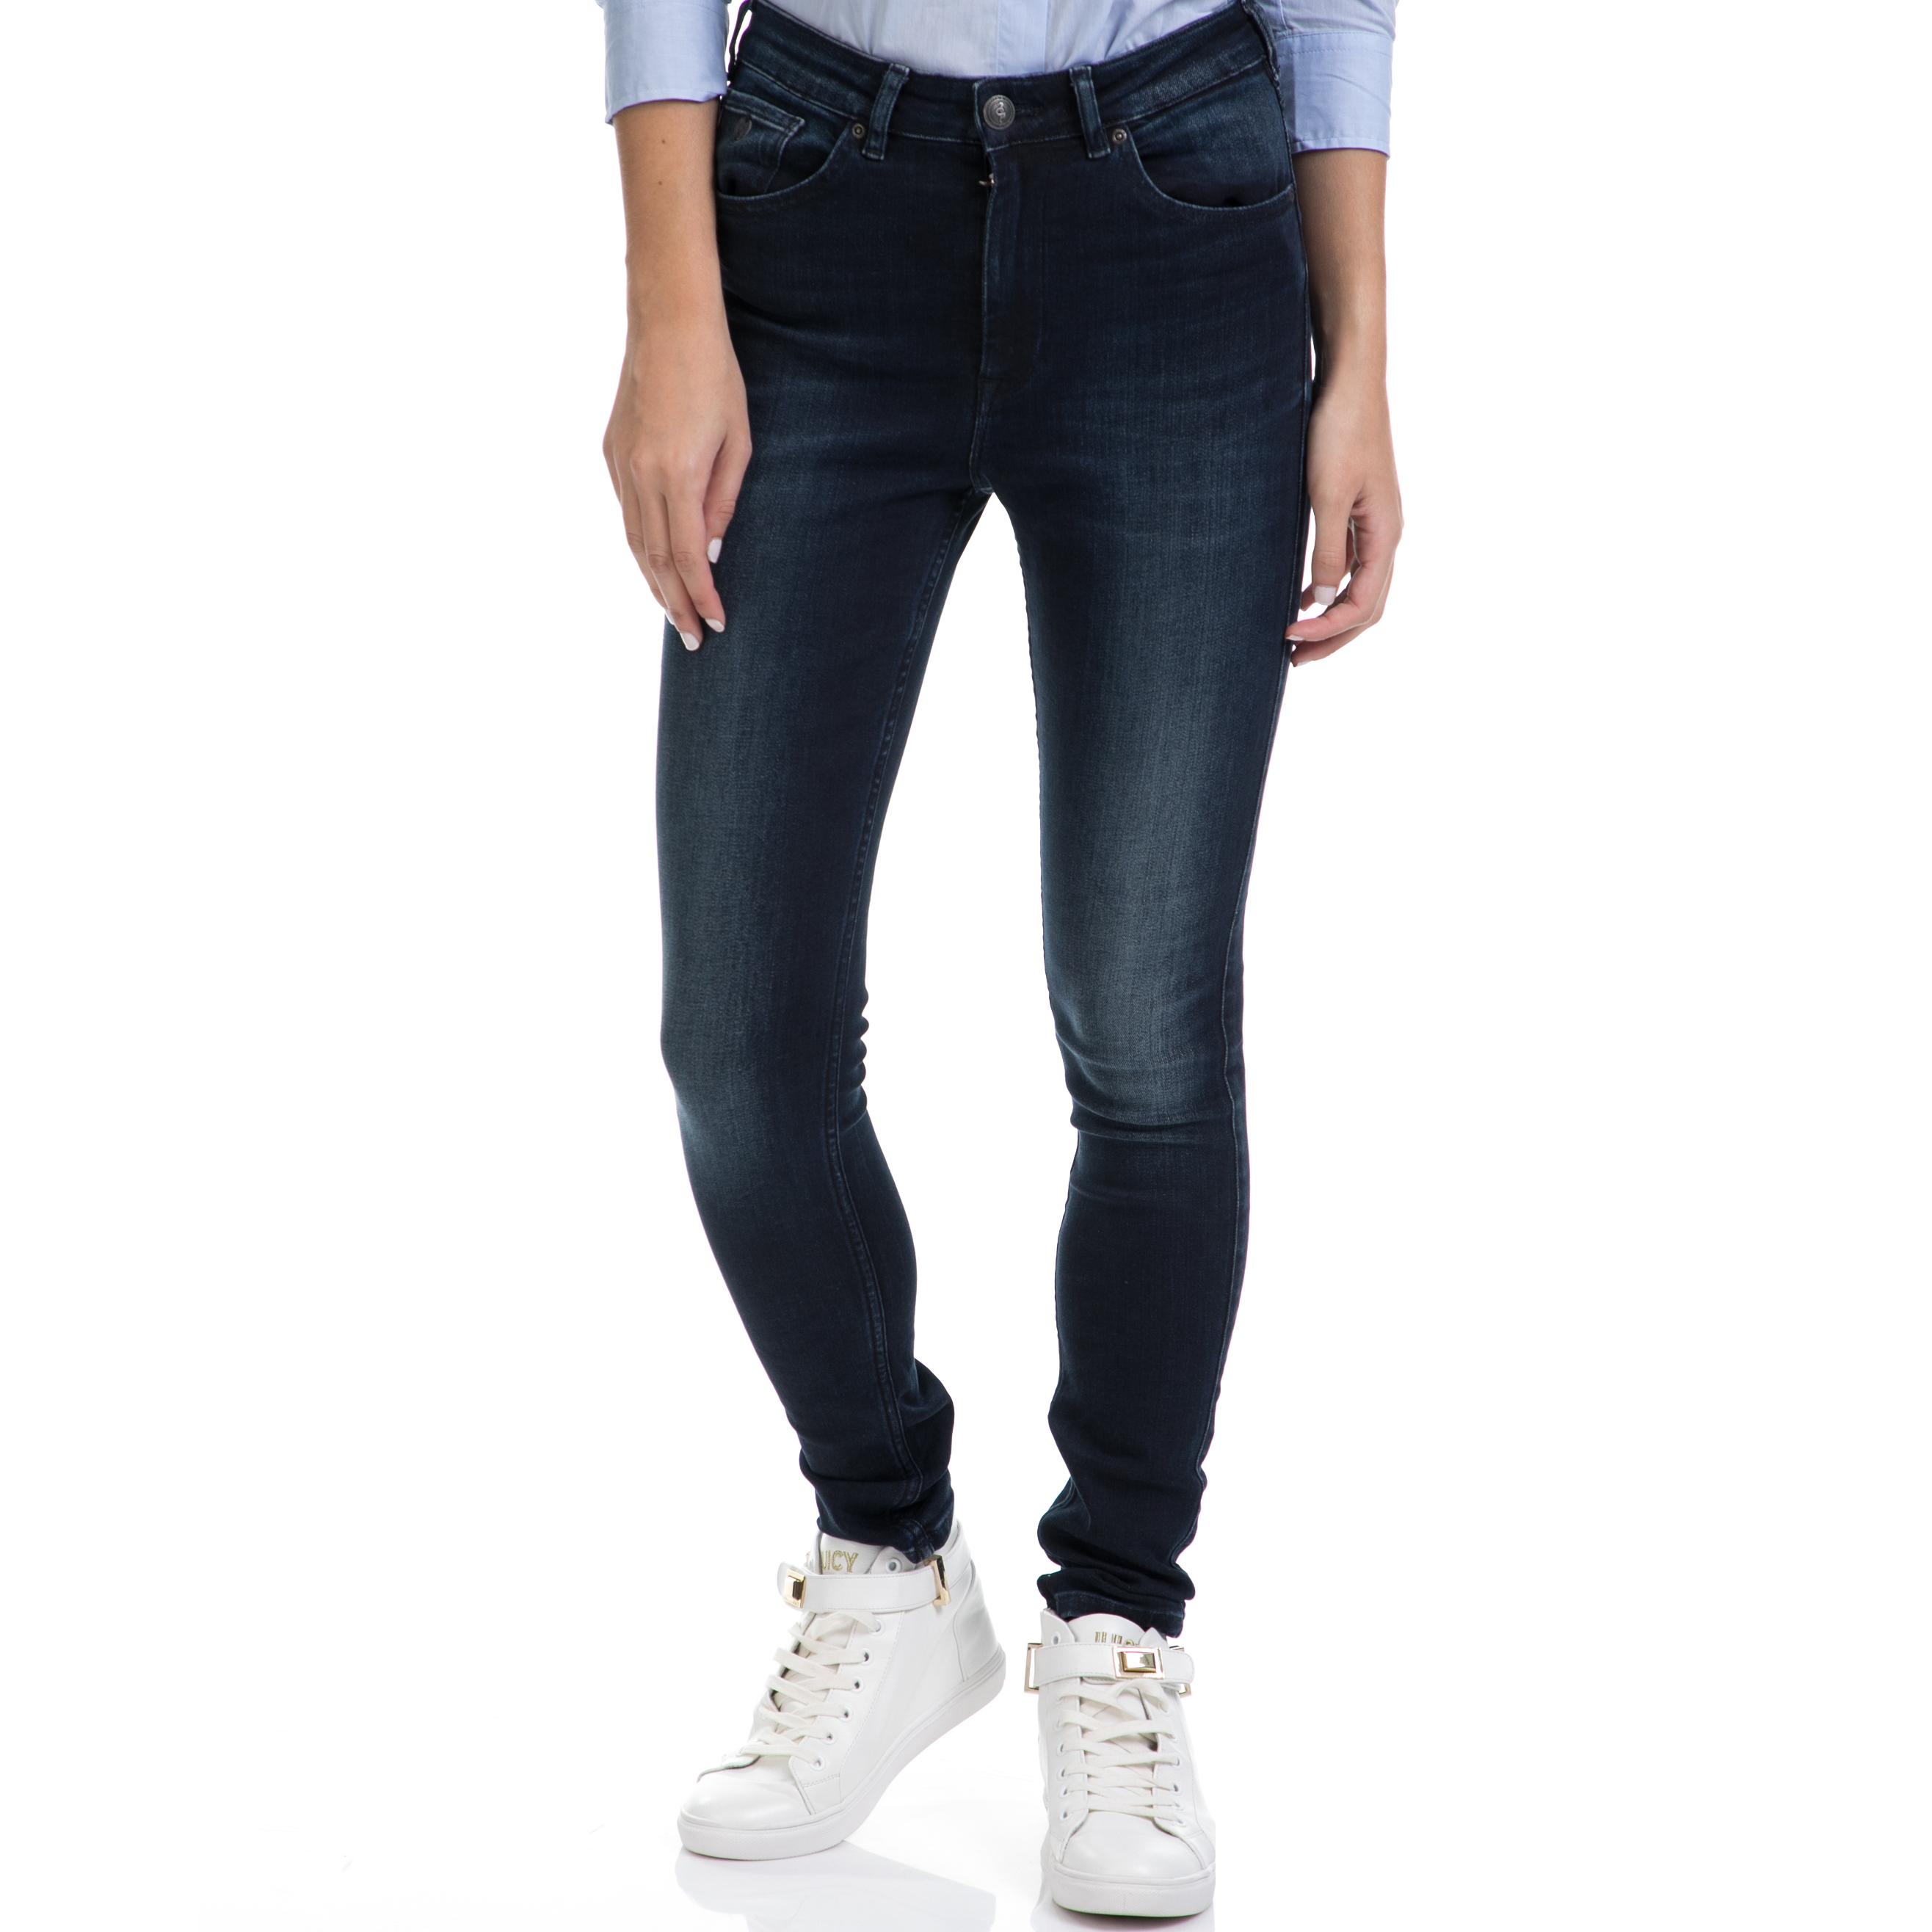 MAISON SCOTCH – Γυναικείο τζιν παντελόνι Haut – Intense Beauty MAISON SCOTCH μπλε